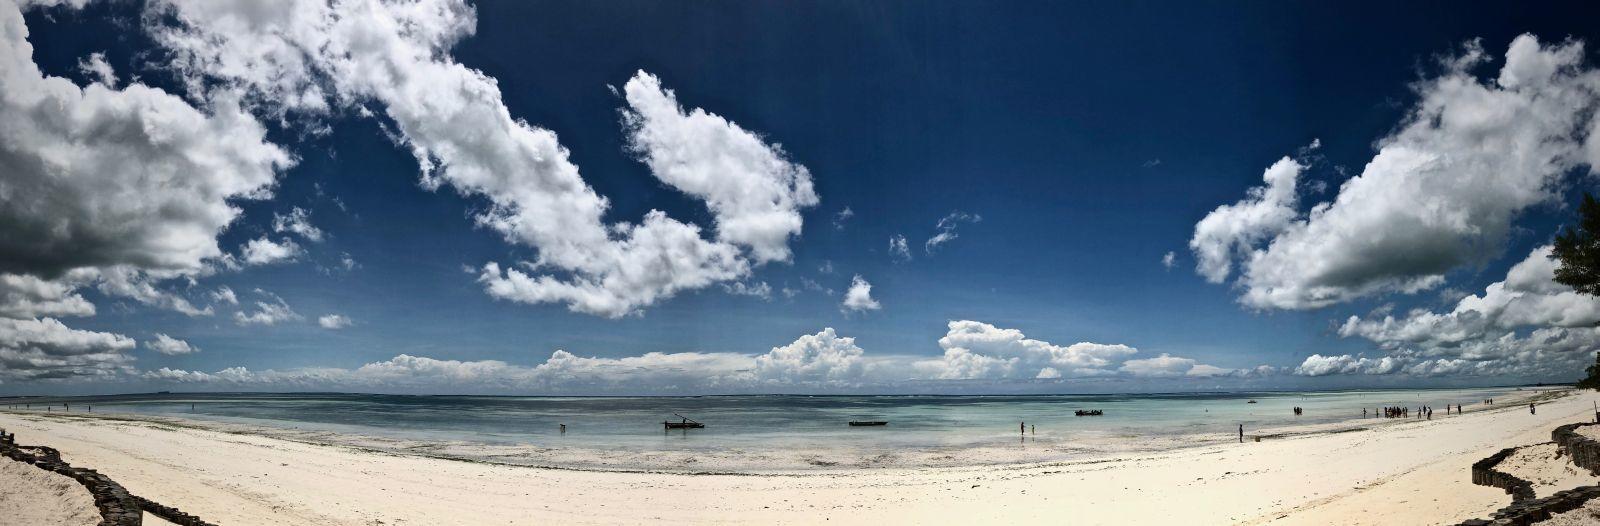 Weißer Sand und türkisfarbenes Meer unter tiefblauem Himmel am Strand von Kiwengwa.